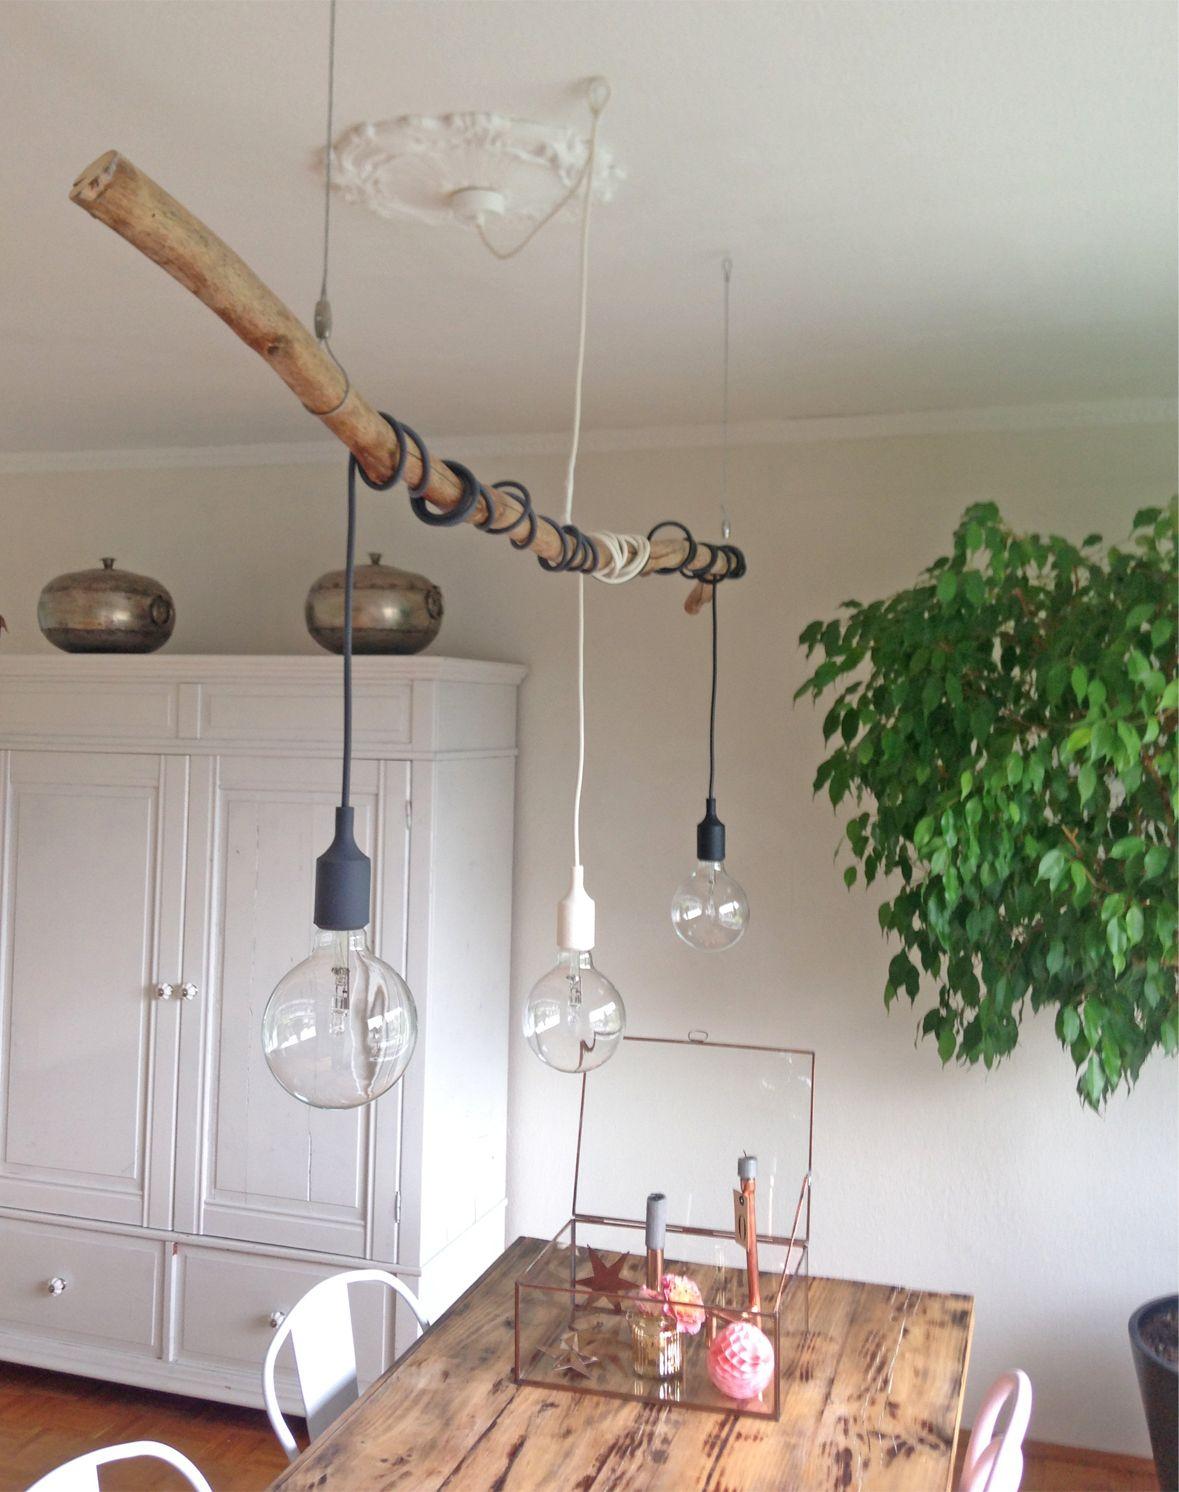 deko ast kaufen ast zum dekorieren google suche hausdeko. Black Bedroom Furniture Sets. Home Design Ideas